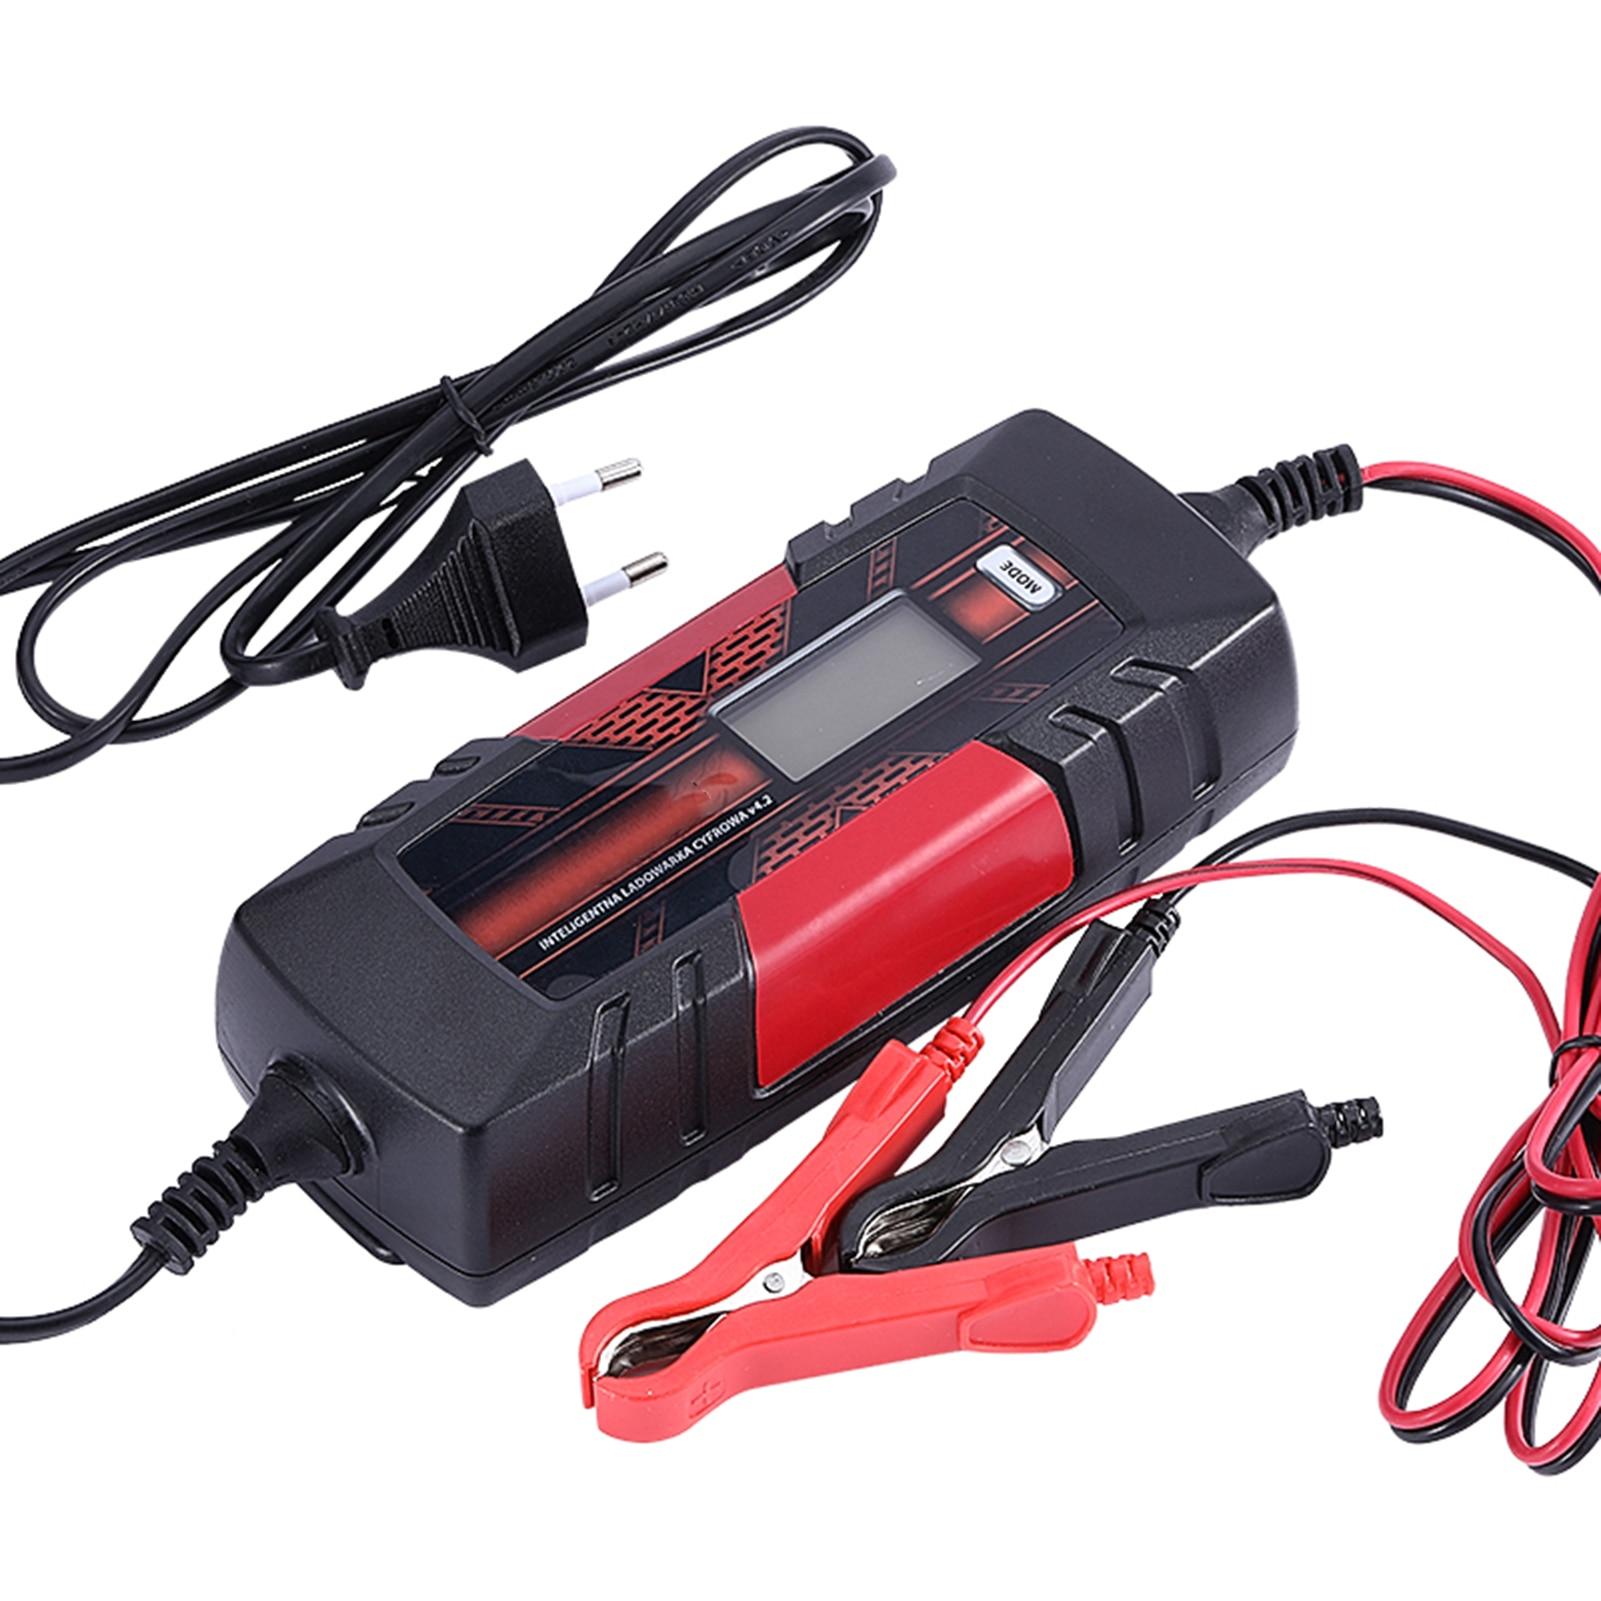 Chargeur de batterie de voiture automatique à 3 étages 12 V 4.5A dispositif de Charge de batterie Intelligent avec écran LCD pour Batteries humides AGM GEL SLA